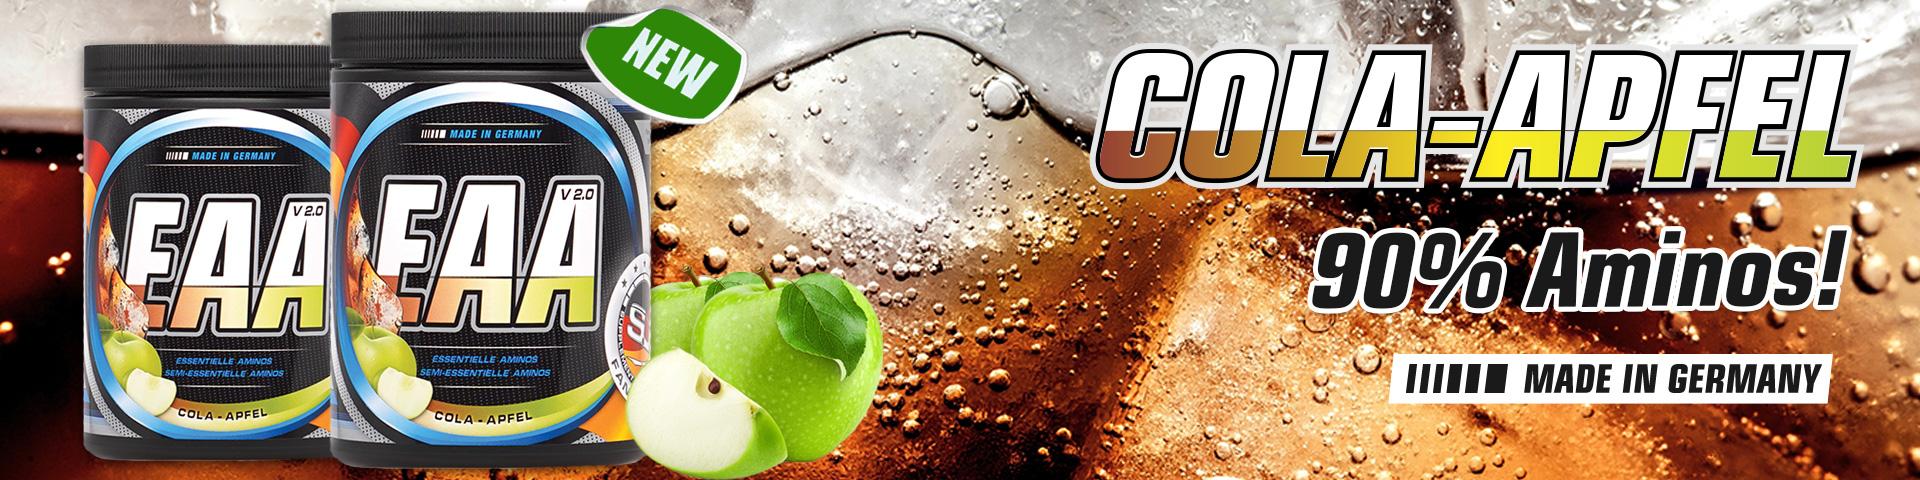 eaa-cola-apfel-shop-neu.jpg